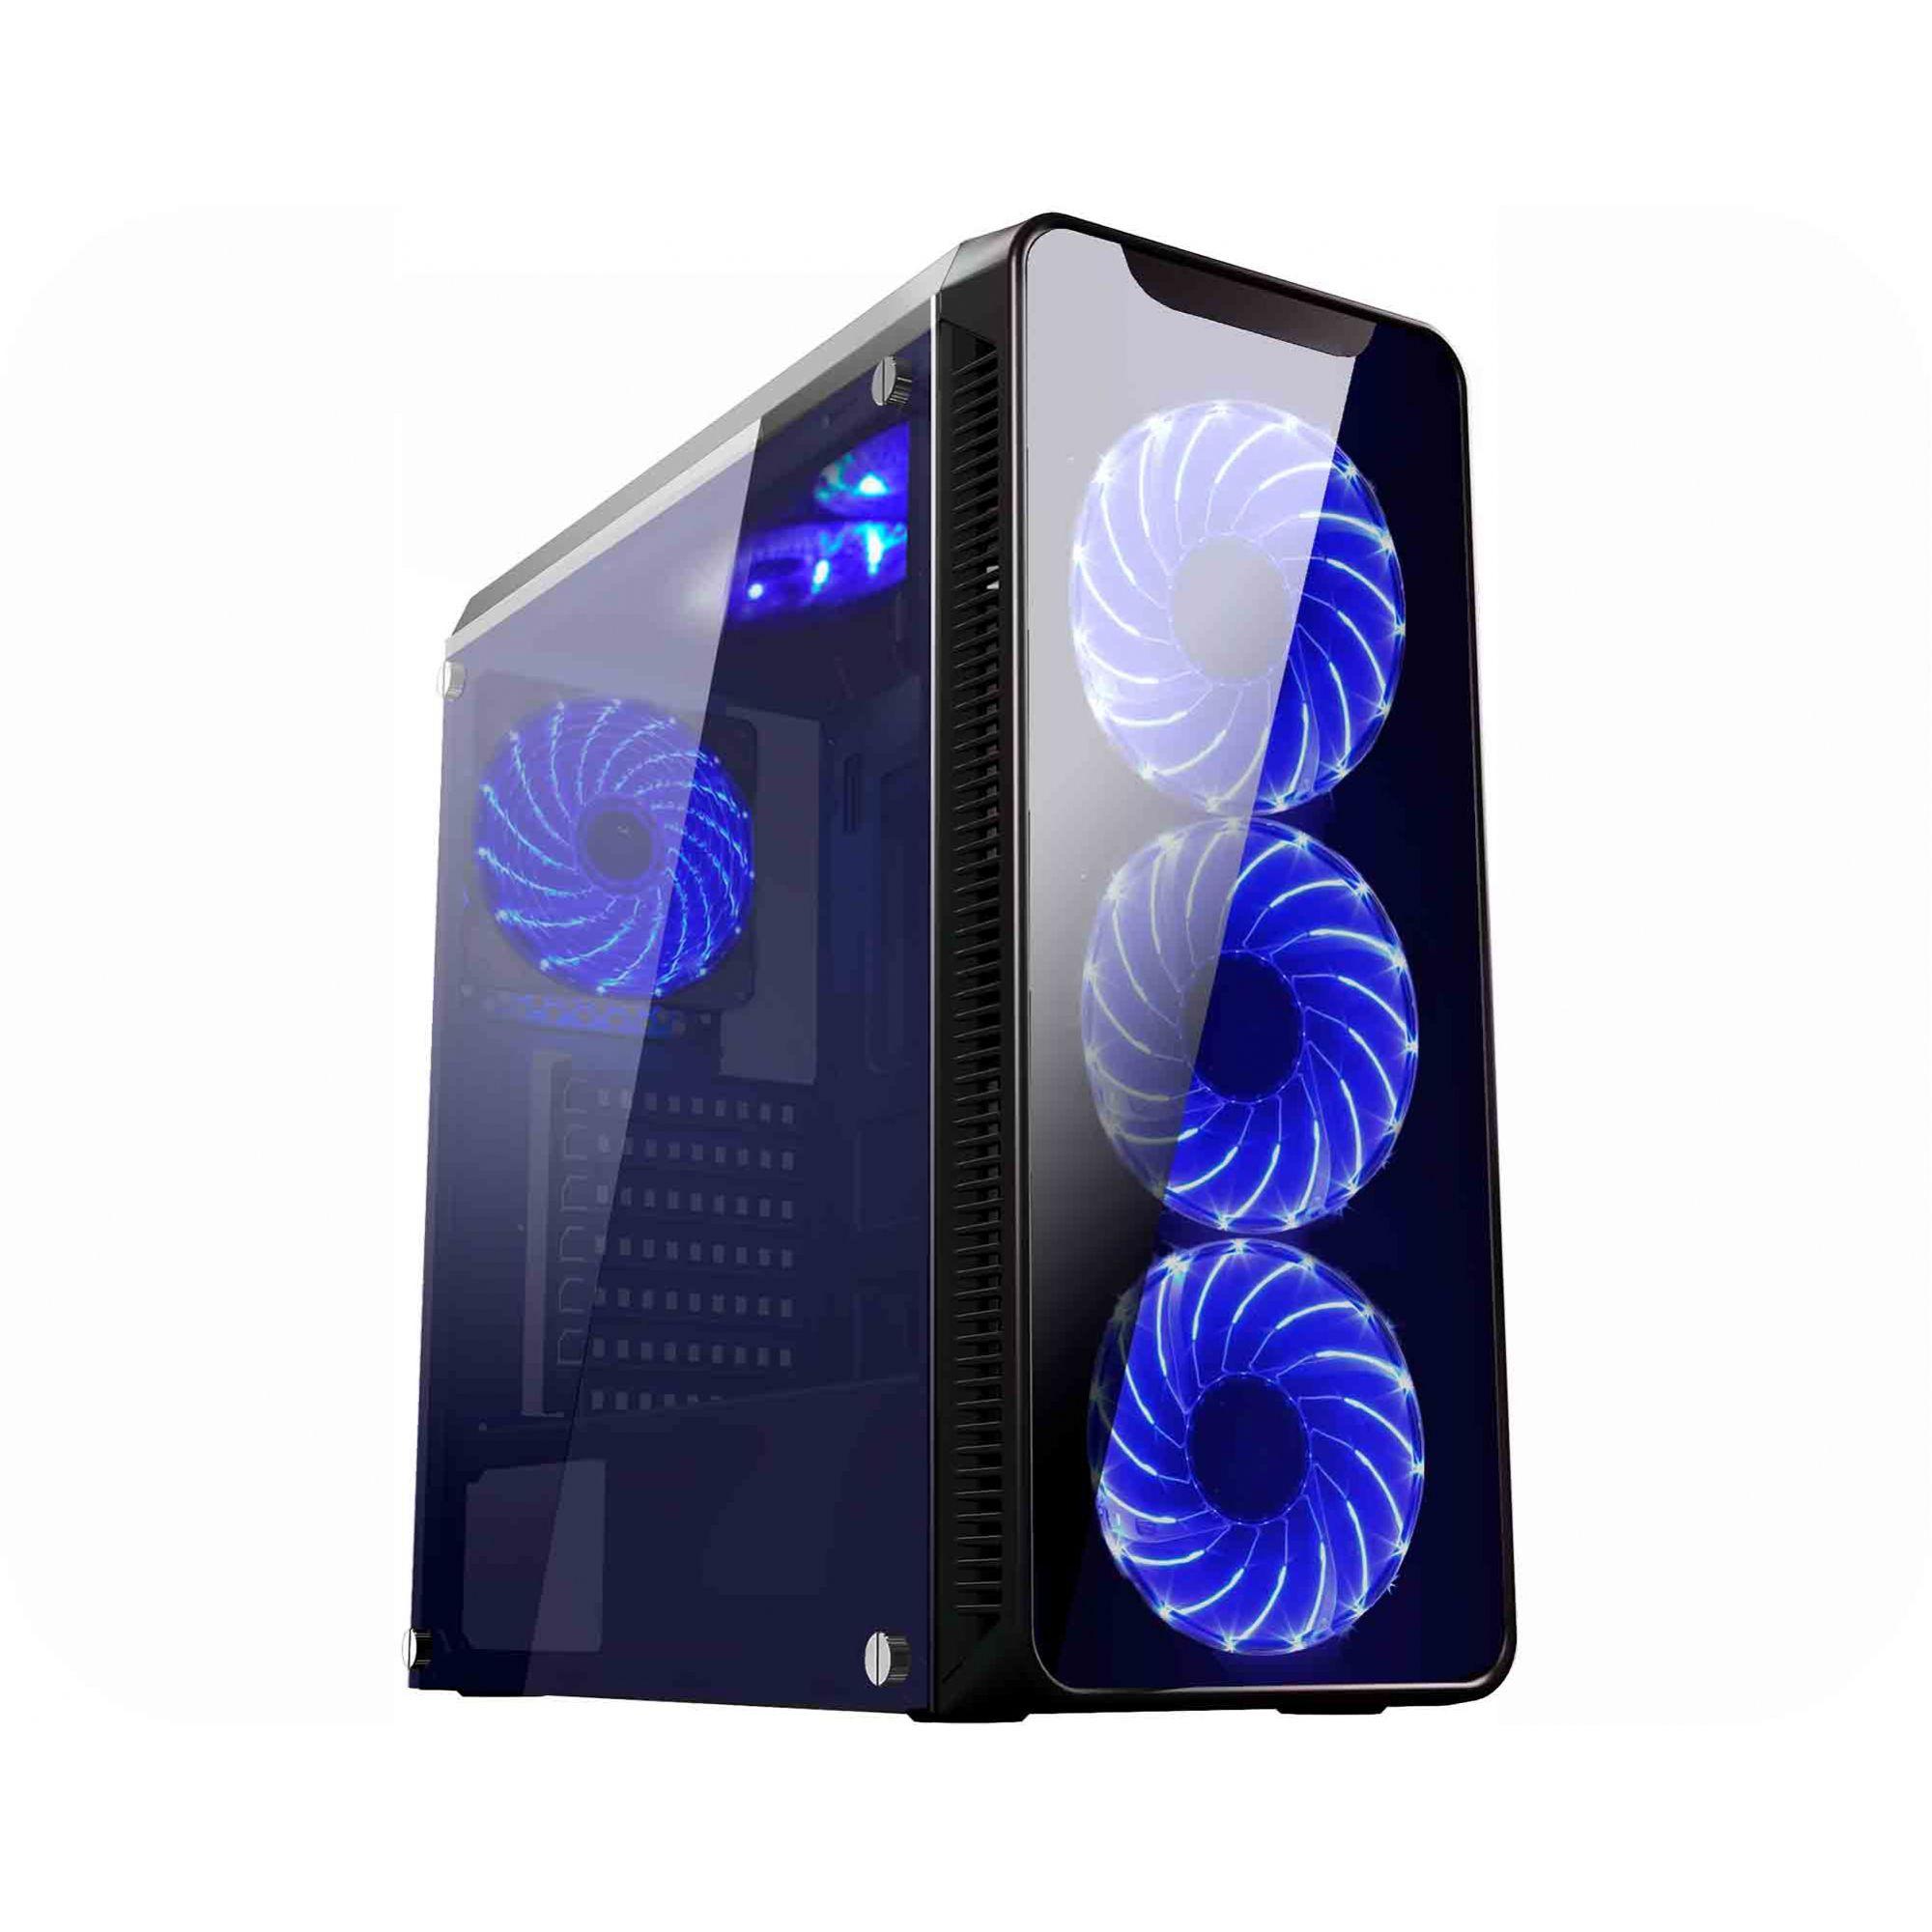 Computador Gamer - Intel Core i5-9400F 9ª Geração, 8GB DDR4, HD de 1TB, Placa de Vídeo GTX1660 Super 6GB, Fonte 500W Real